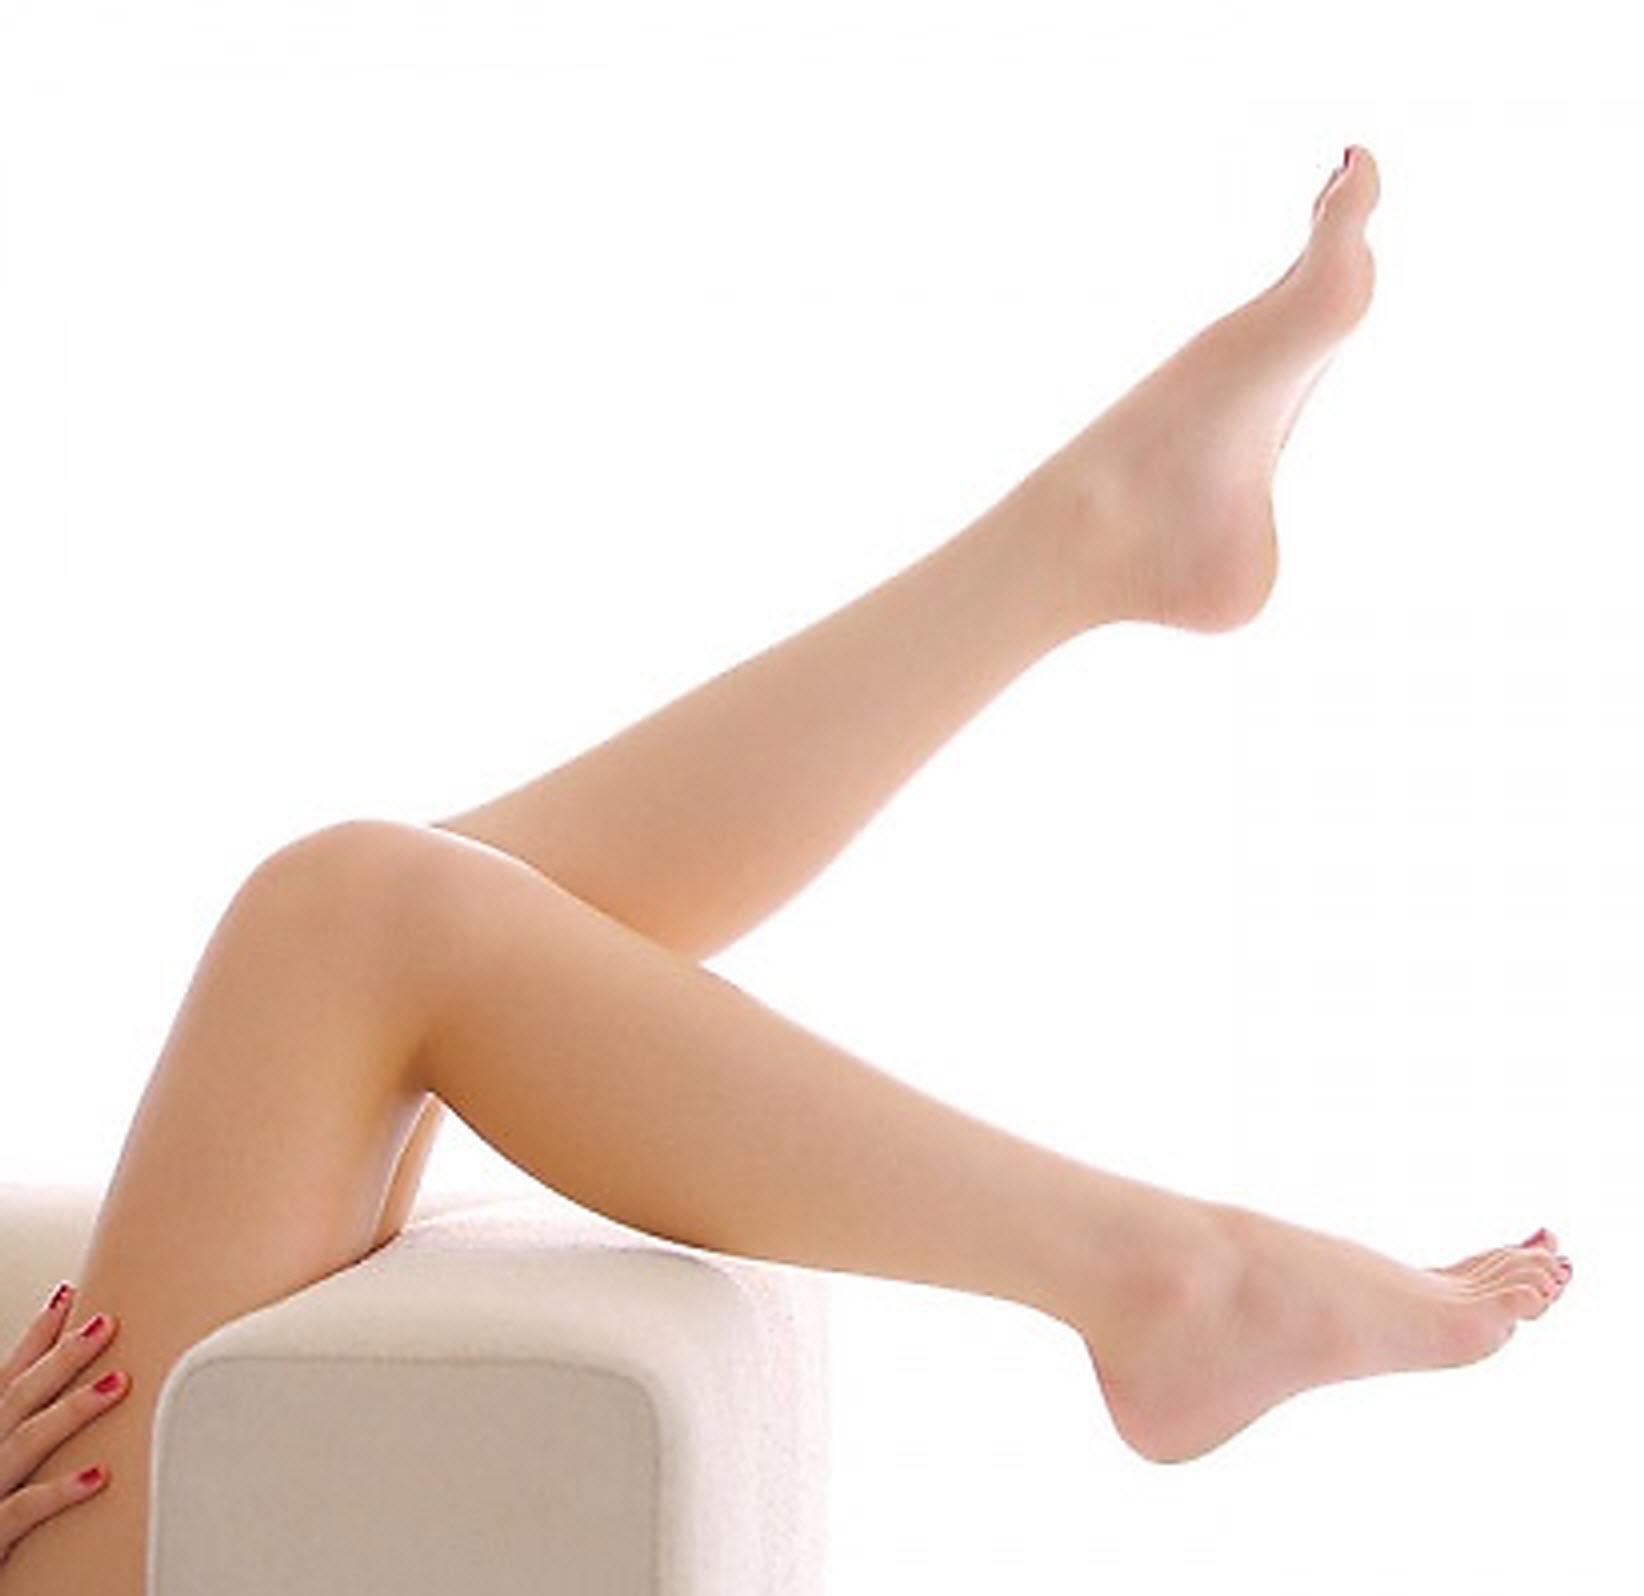 Ngăn tình trạng chảy máu gót chân và giữ ẩm vùng da gót chân tránh tình trạng bong tróc đau đớn khi di chuyển